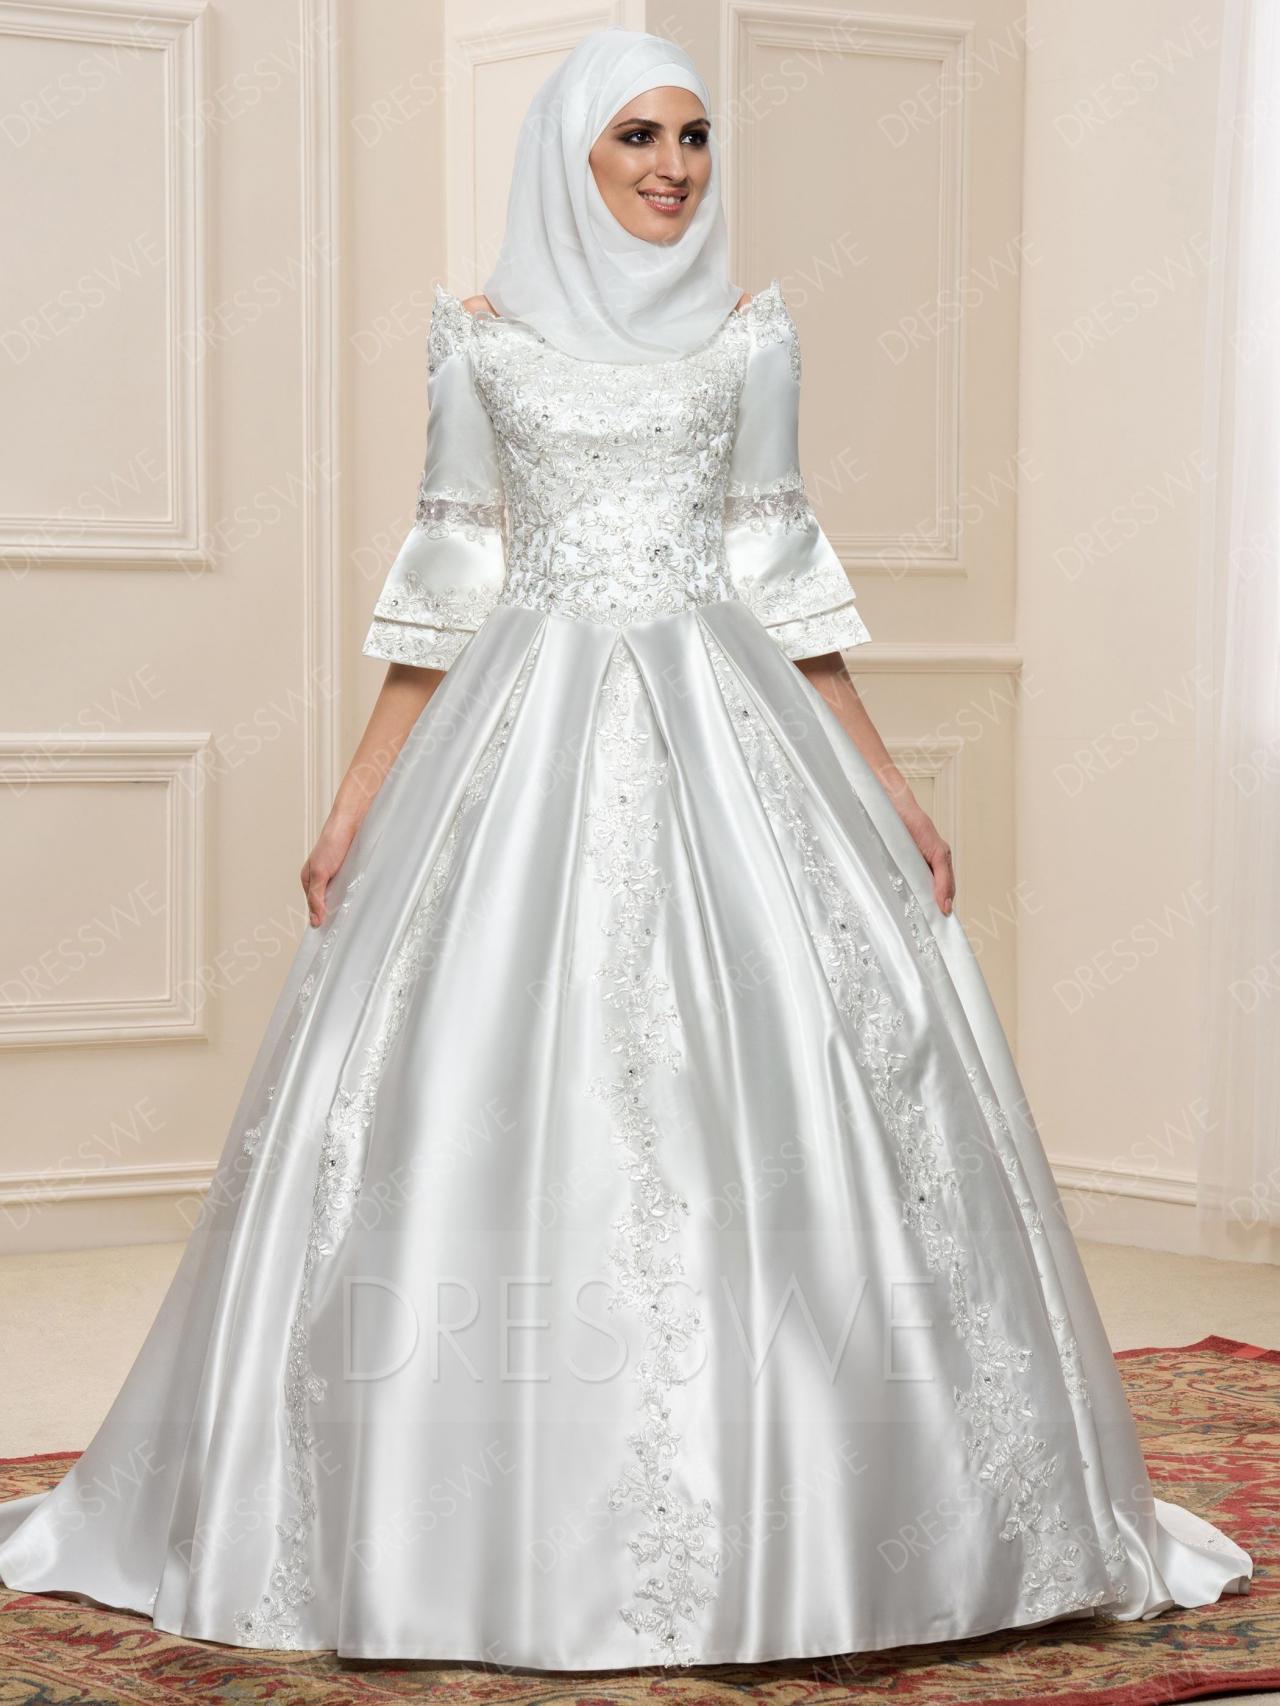 b10a64860 فساتين اعراس للمحجبات , فساتين زفاف انيقة للعروس المحجبة - عيون ...